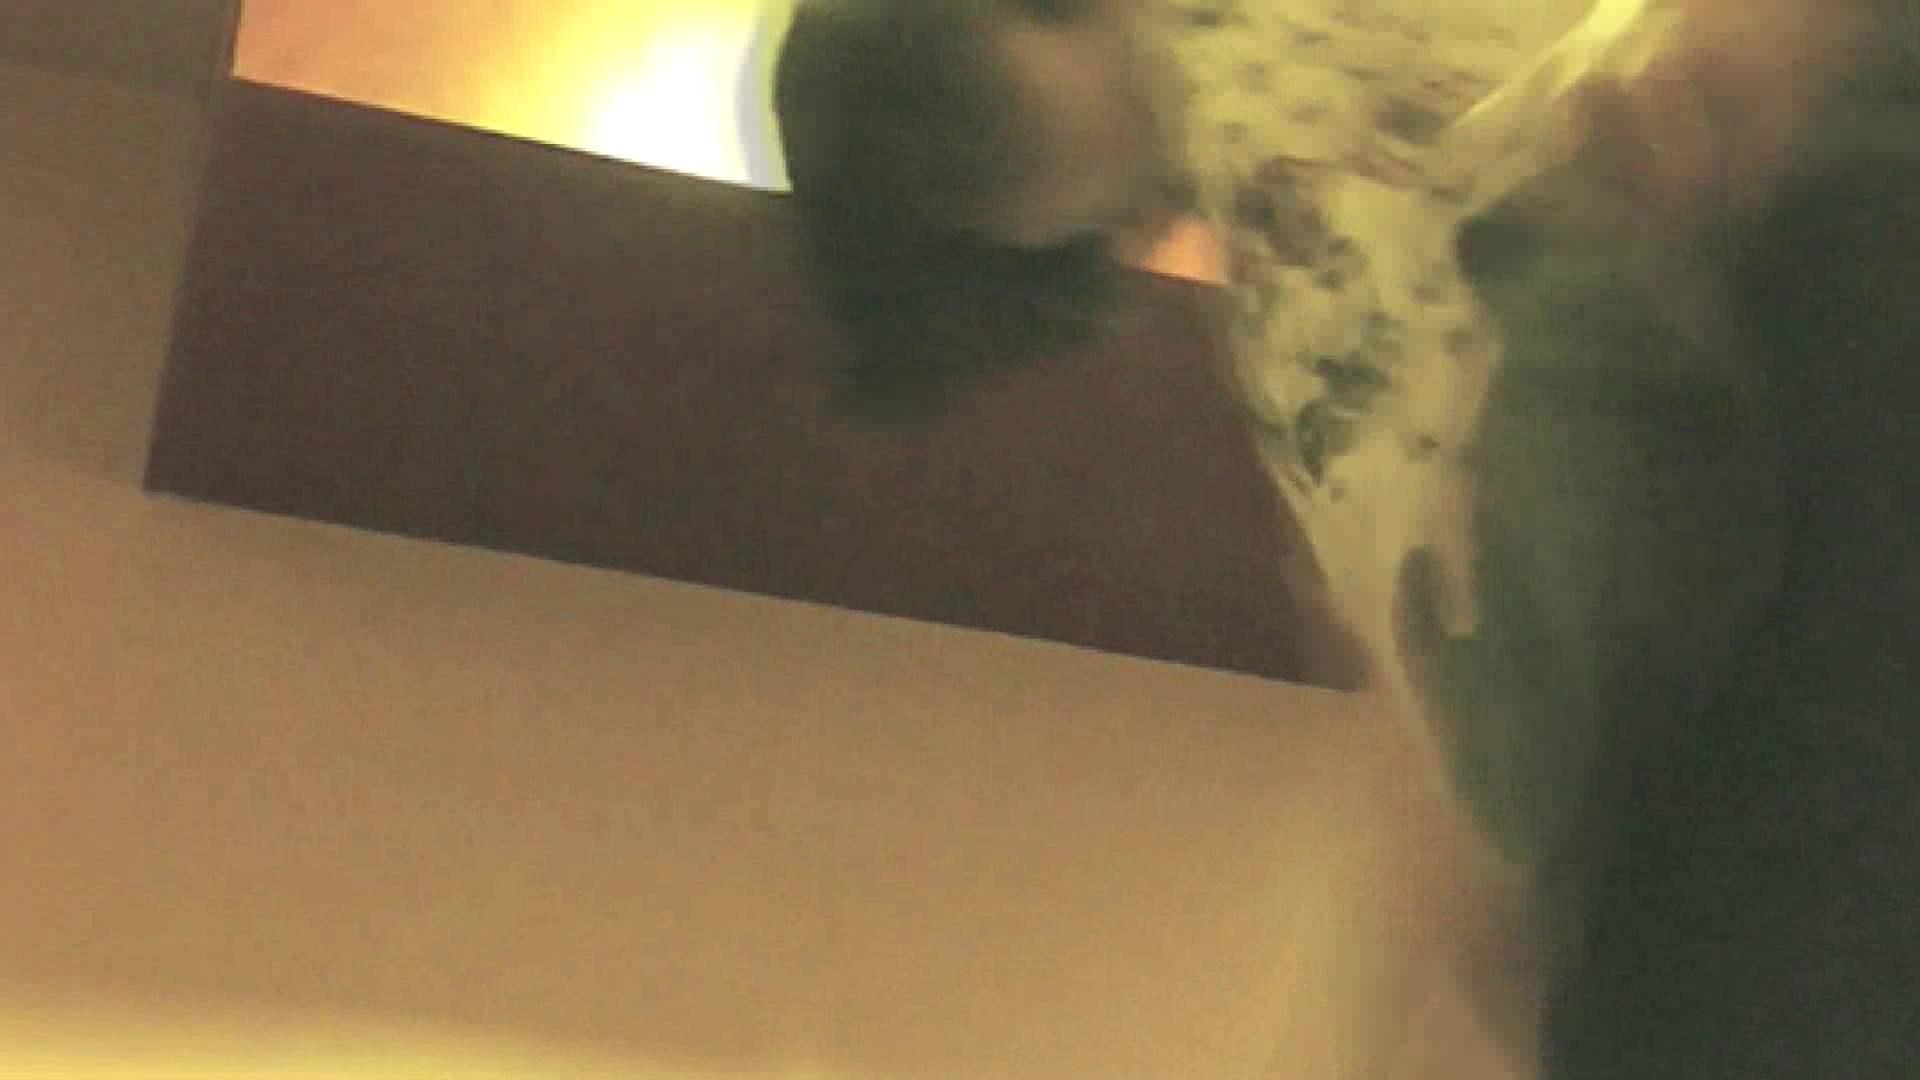 実録!!綺麗なお姉さんのトイレ事情・・・。vol.12 トイレ突入 覗きおまんこ画像 81pic 3